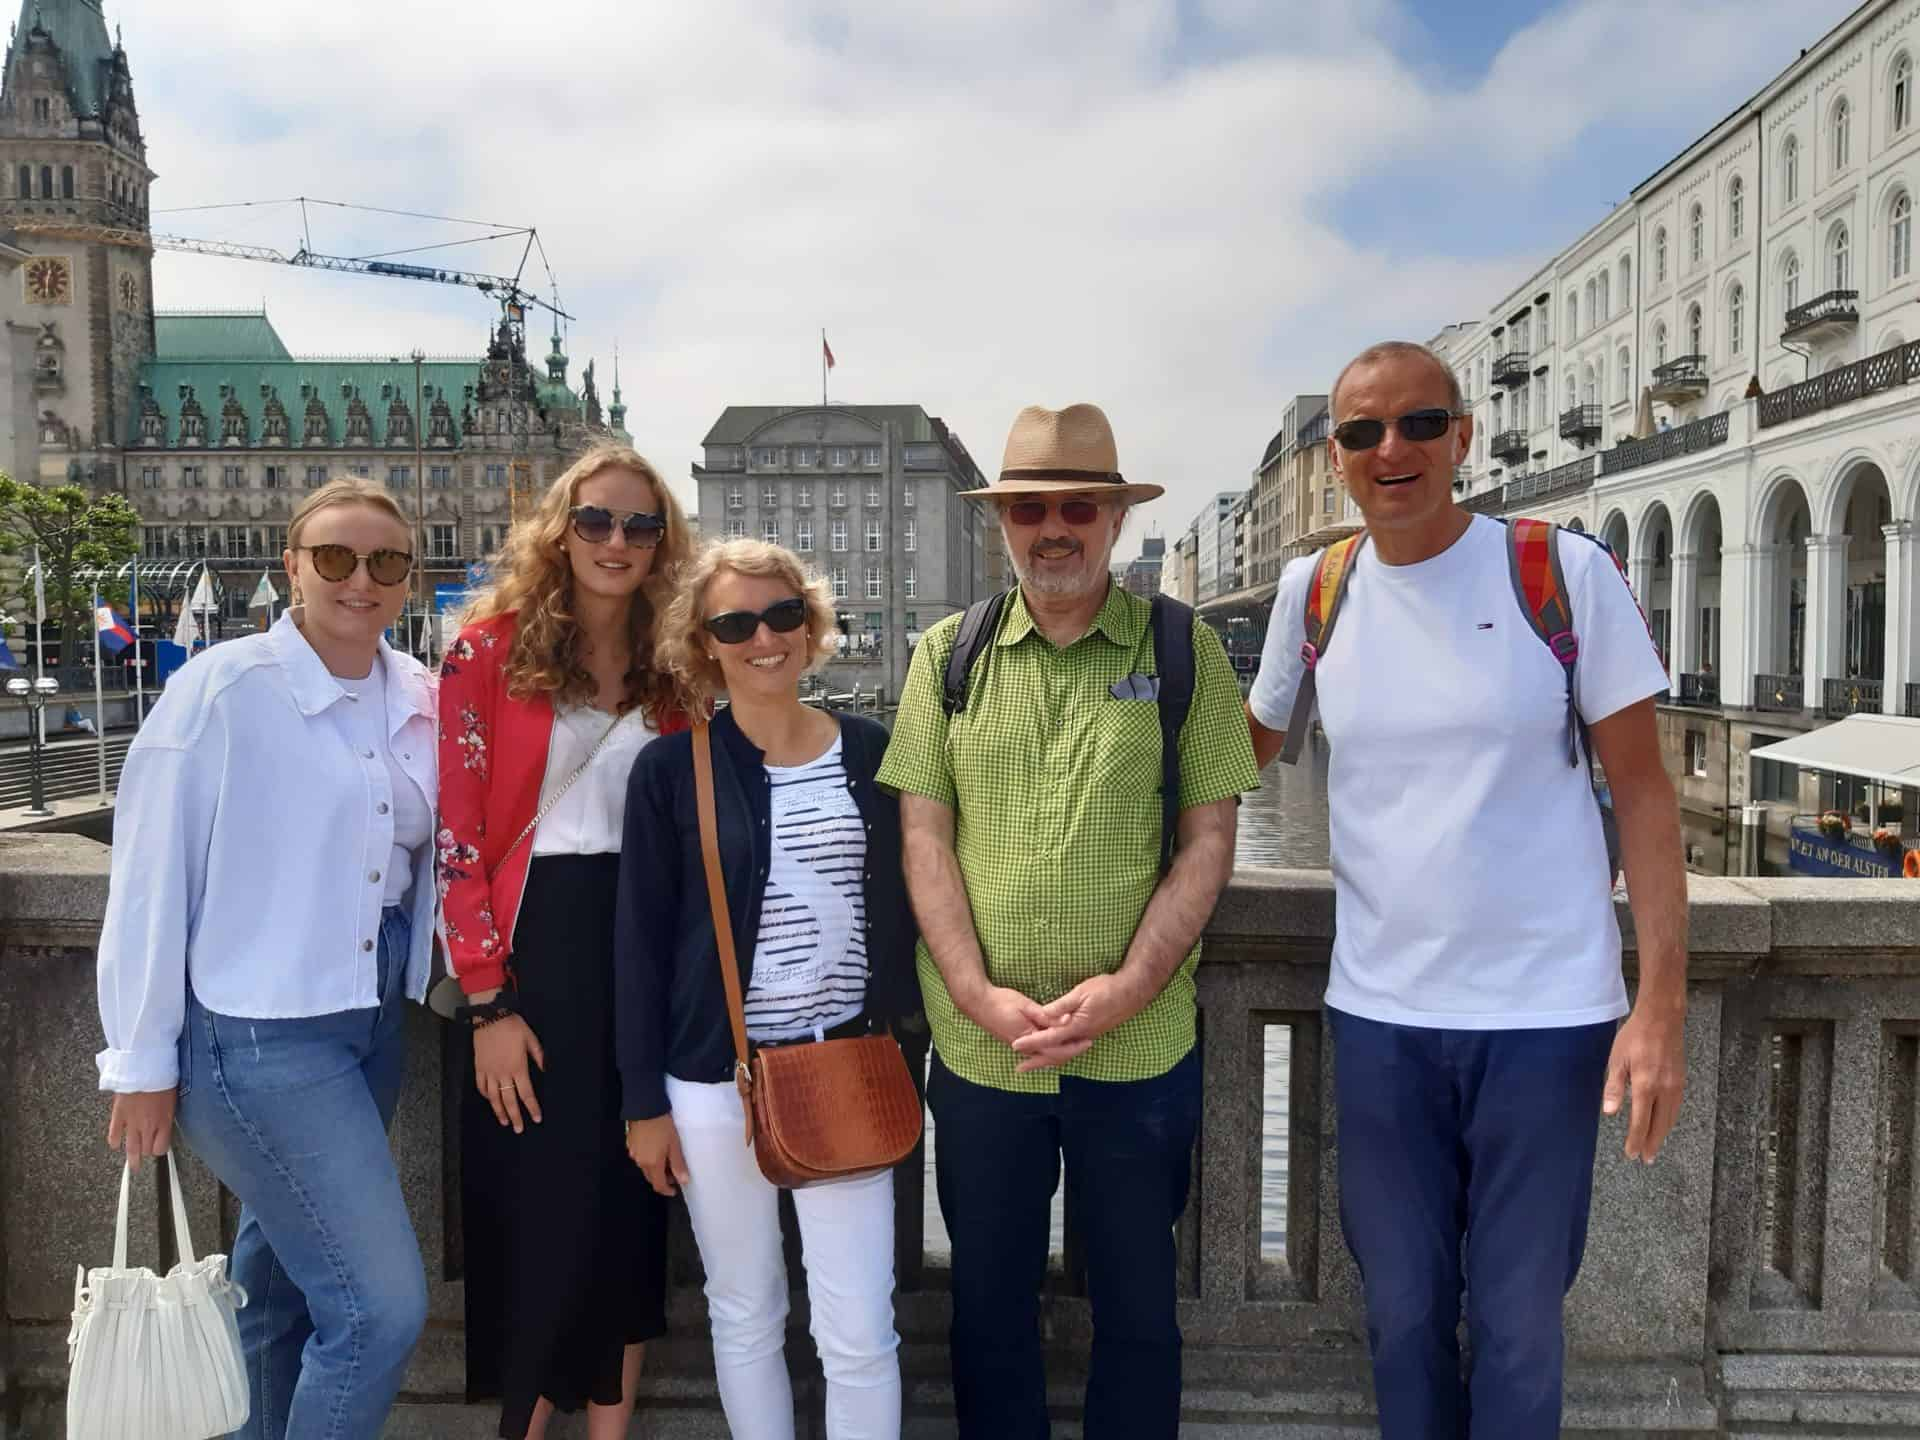 Vom Kontorhausviertel zur Elbphilharmonie